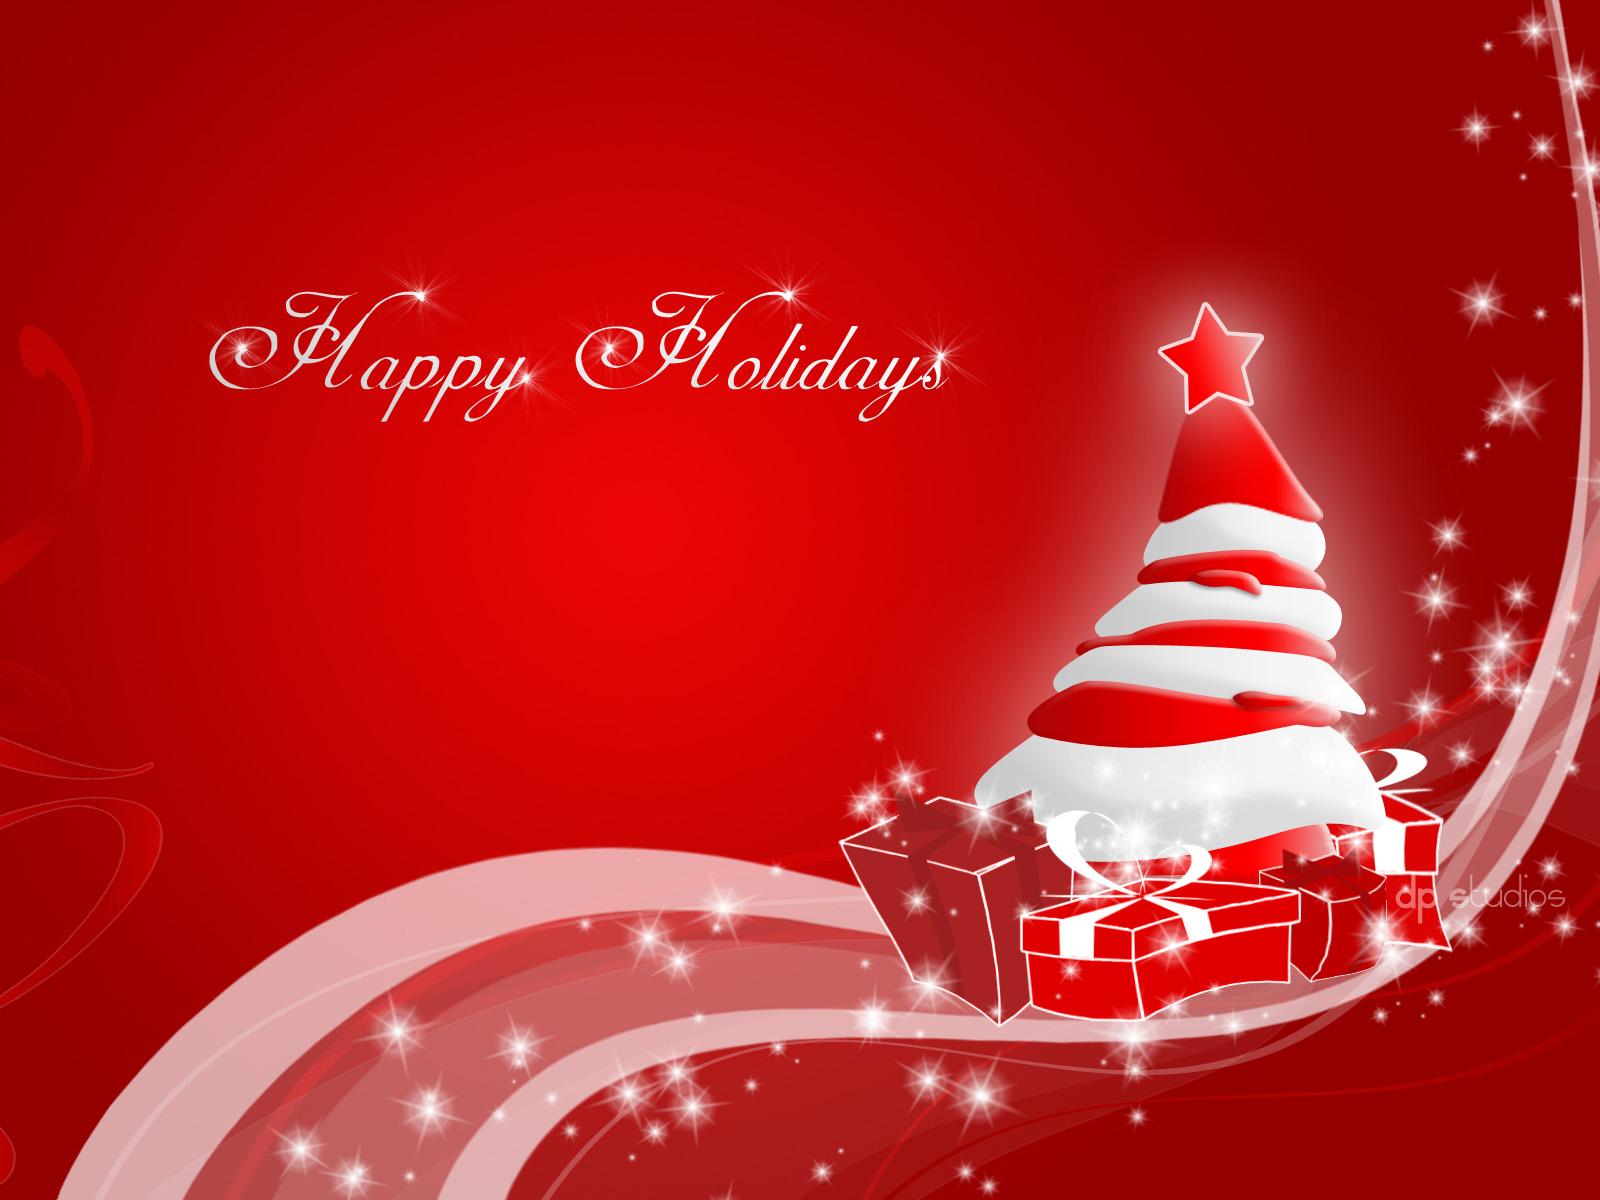 picturespool  happy christmas 2013